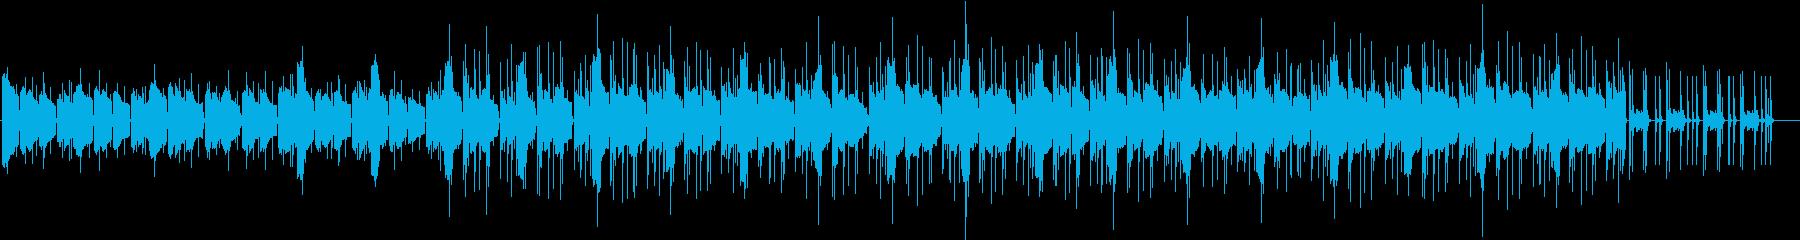 同じフレーズが繰り返される無機質な曲の再生済みの波形